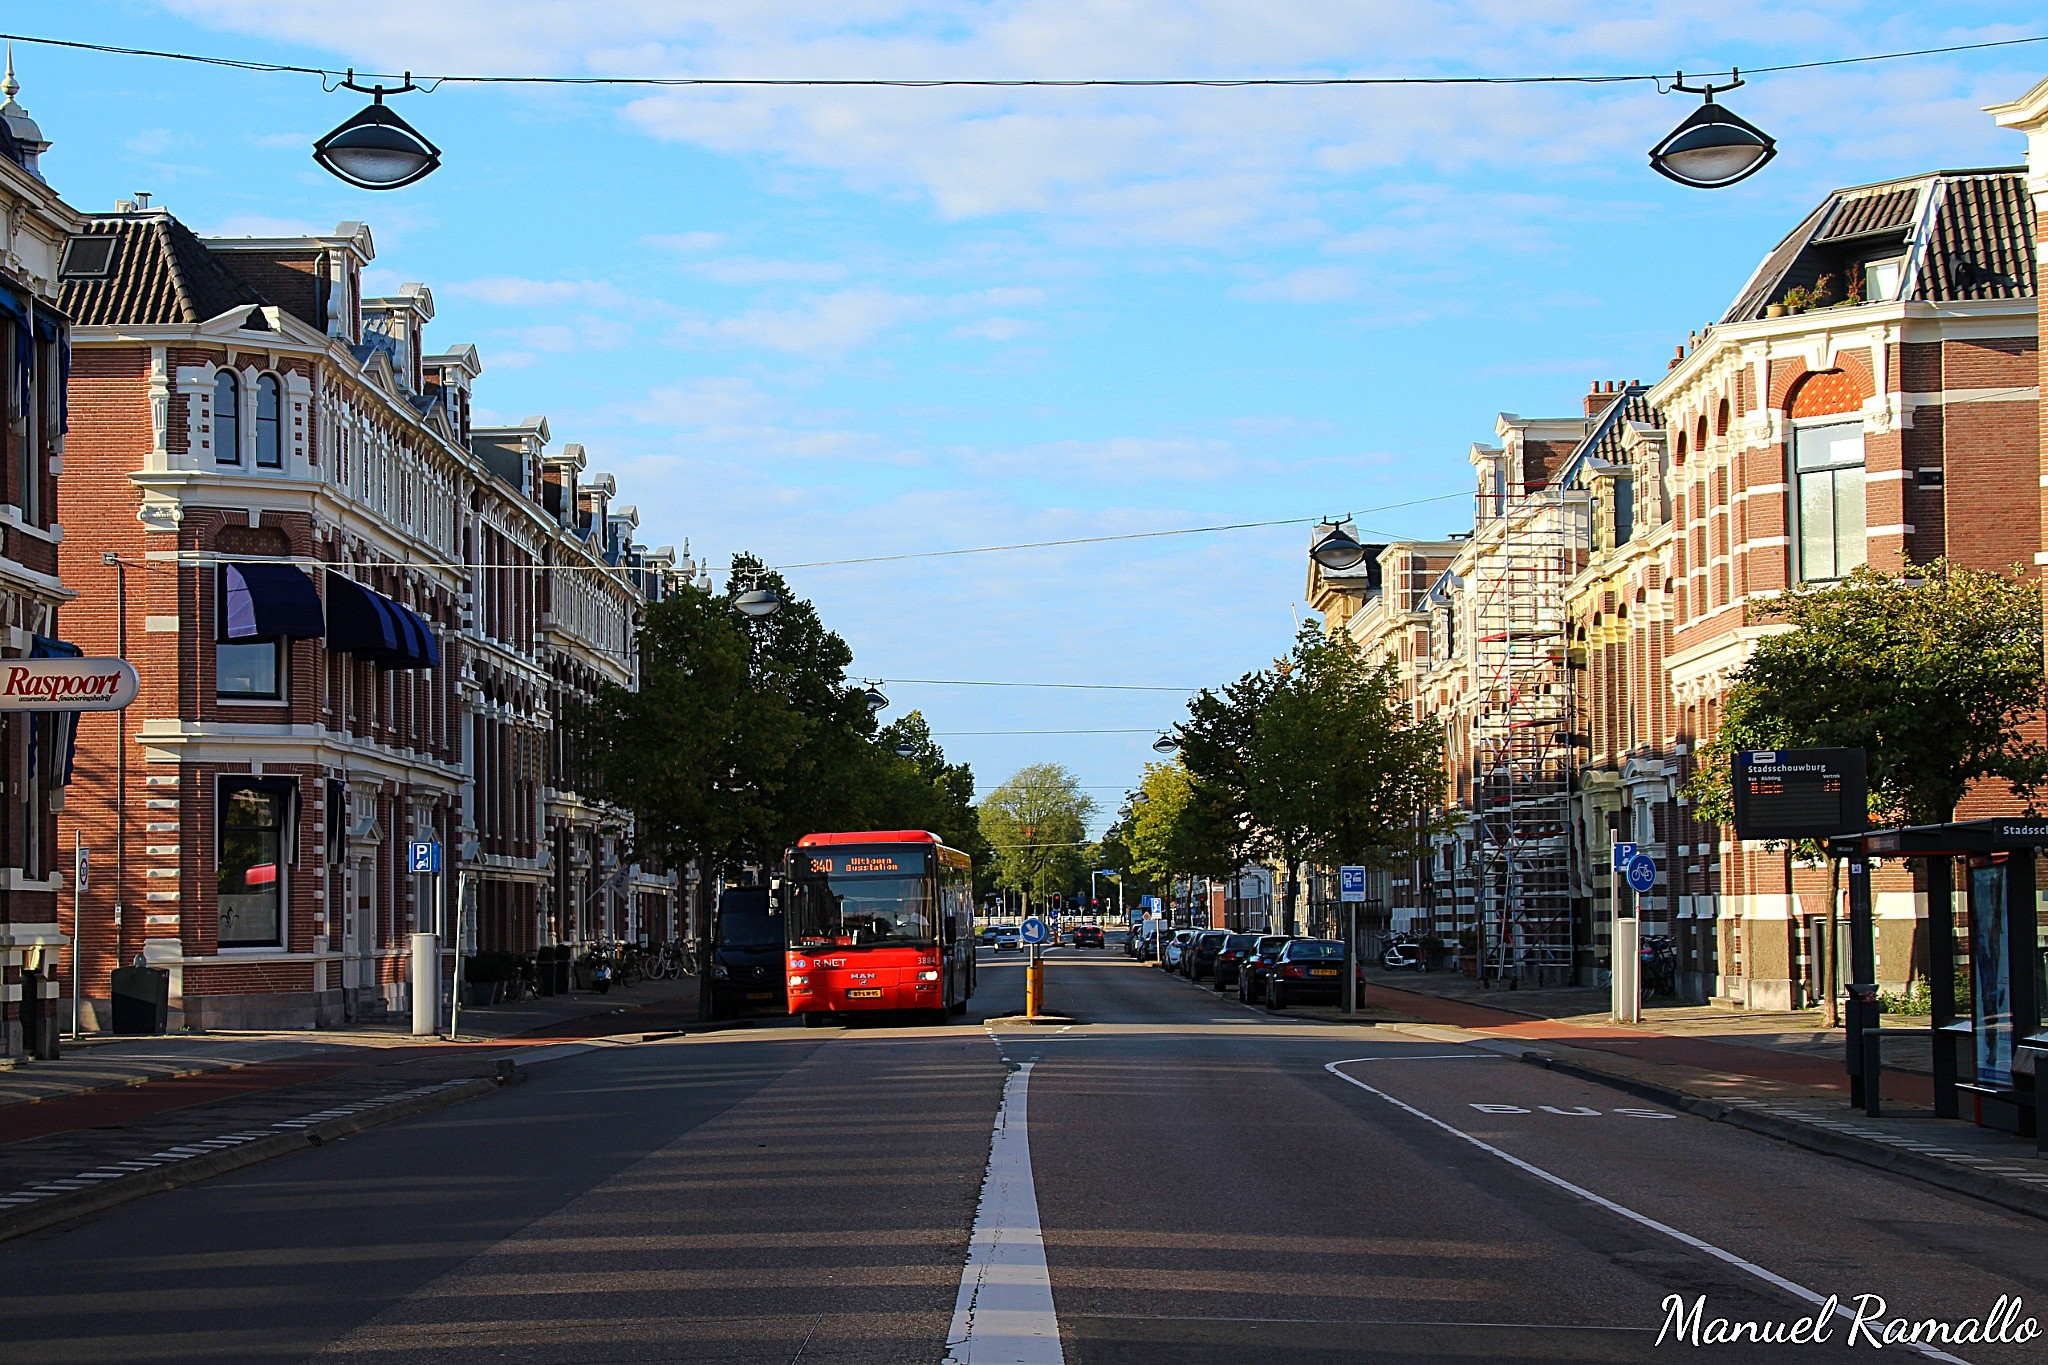 haarlem-holanda-paises-bajos-calle-autobus